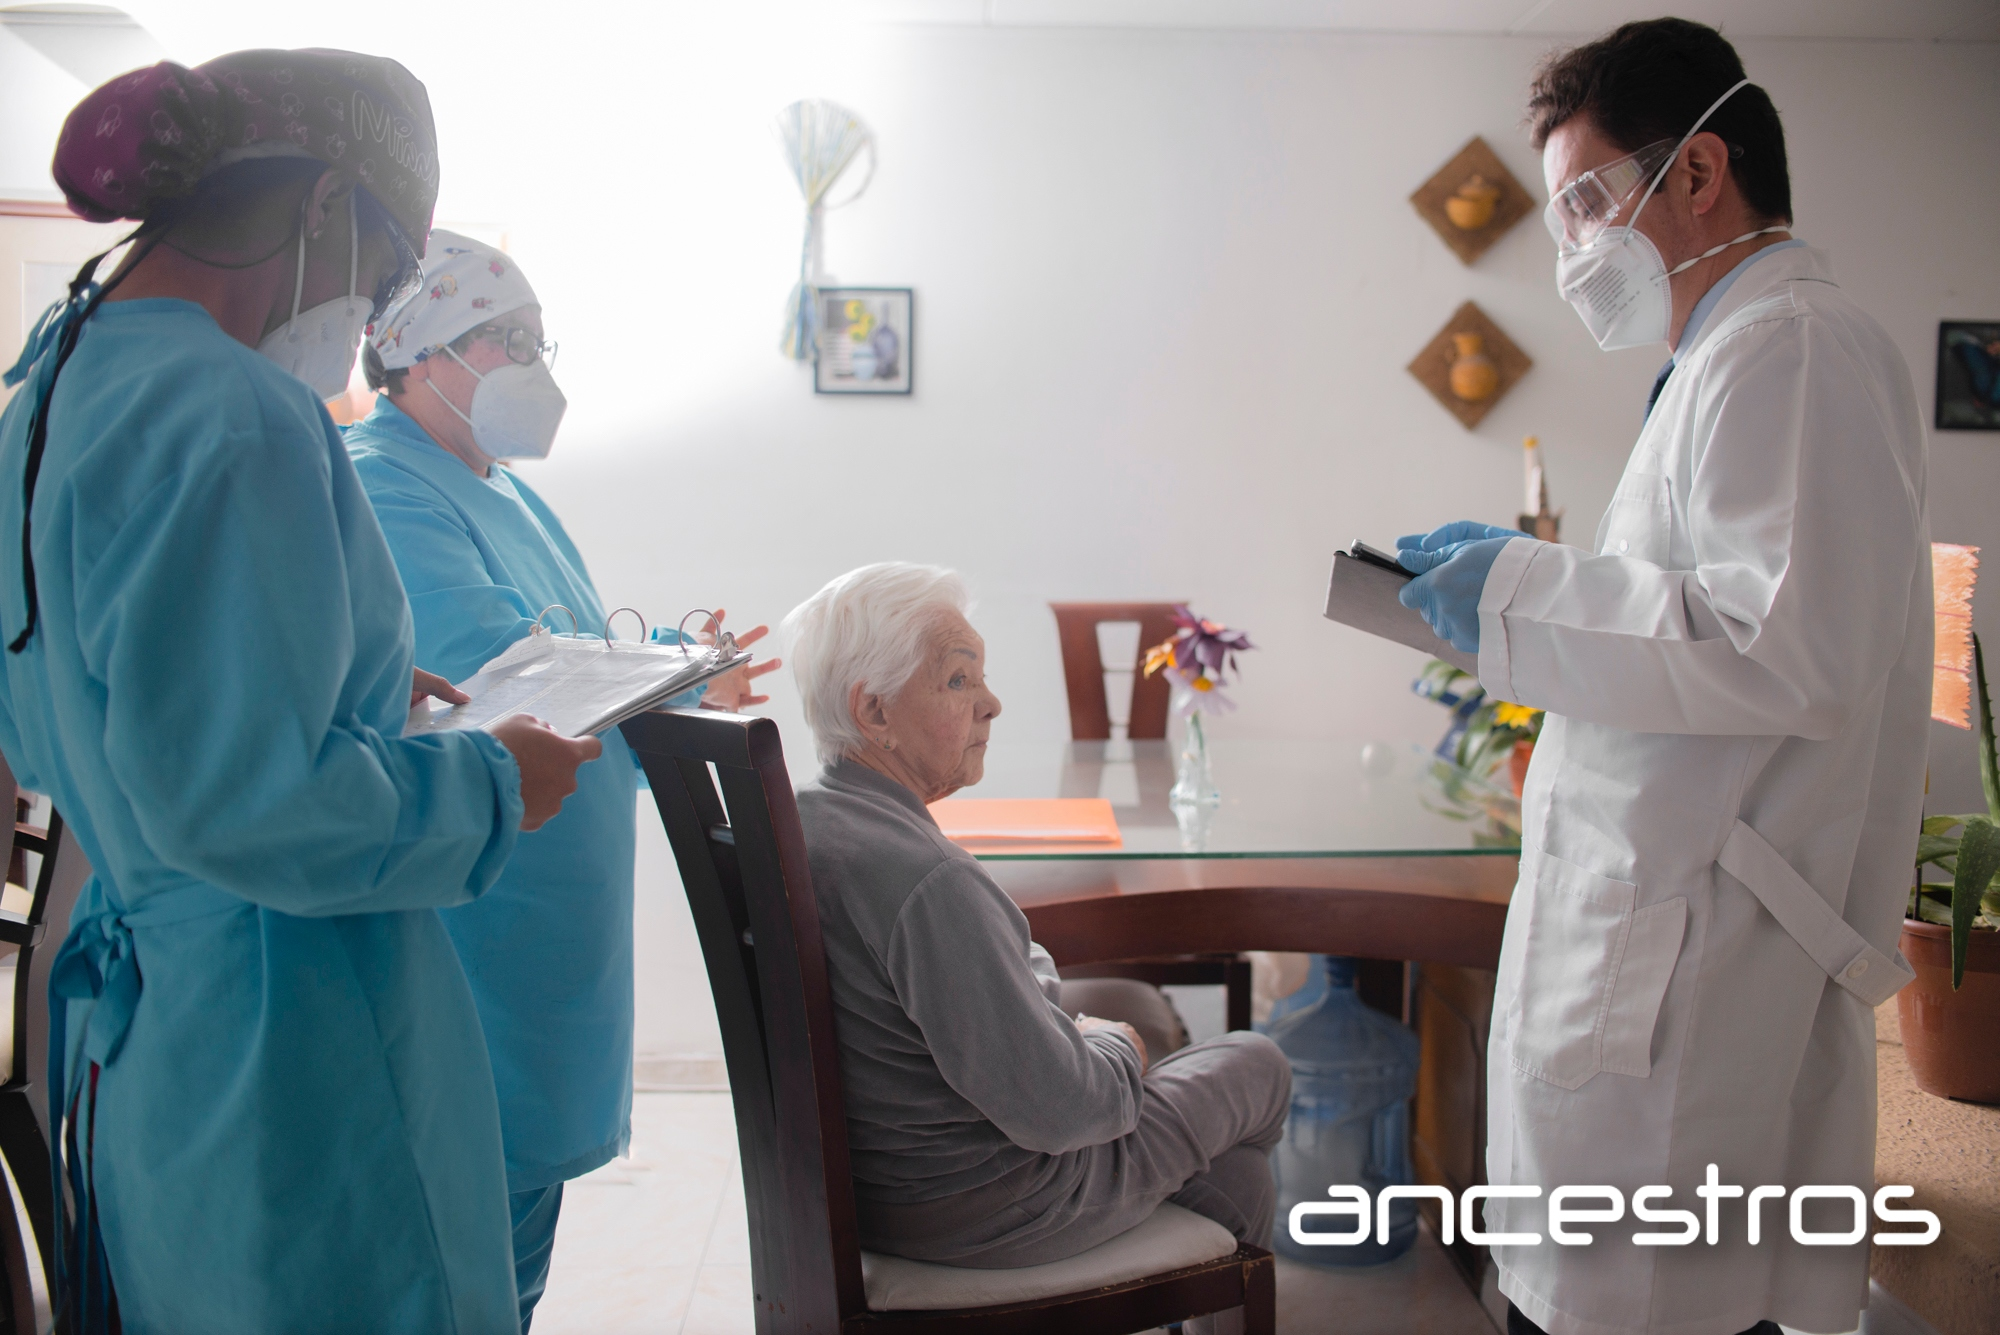 Cuidado del adulto mayor: ¿Necesito ayuda?